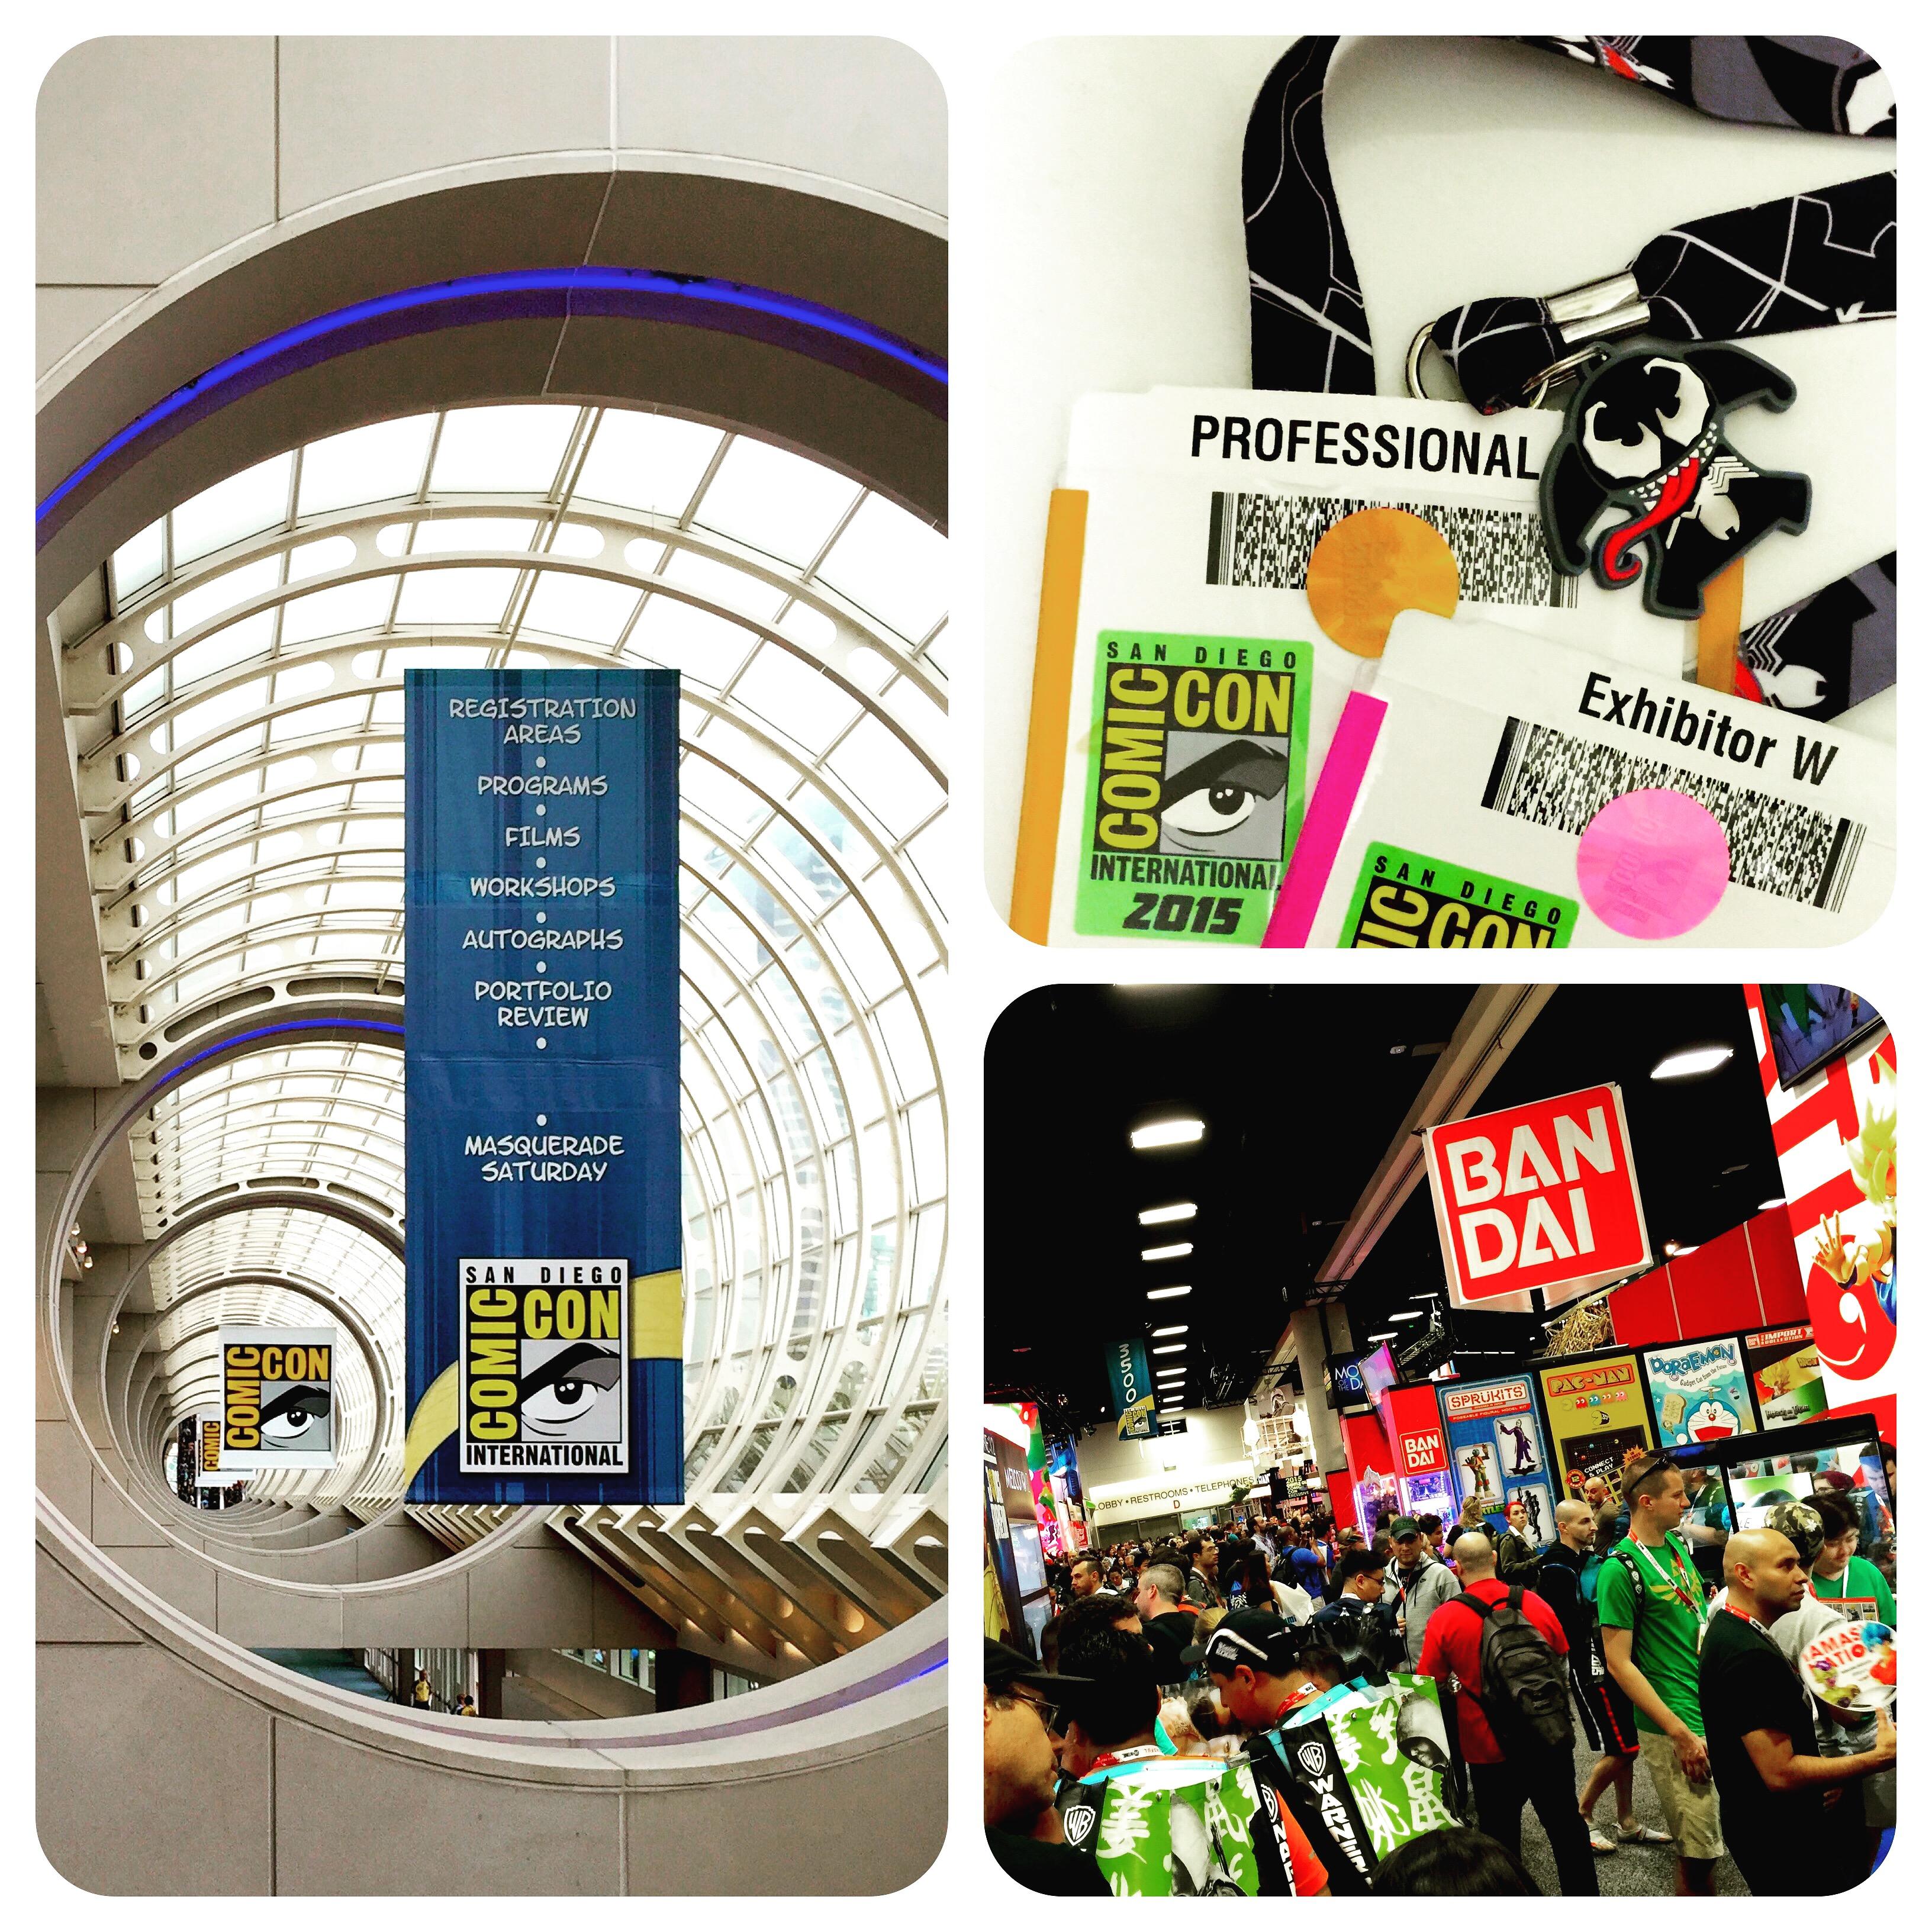 [Evento][Tópico Oficial] Comic-Con San Diego 2015 - Cobertura e itens exclusivos! - Página 4 Z9V1AU